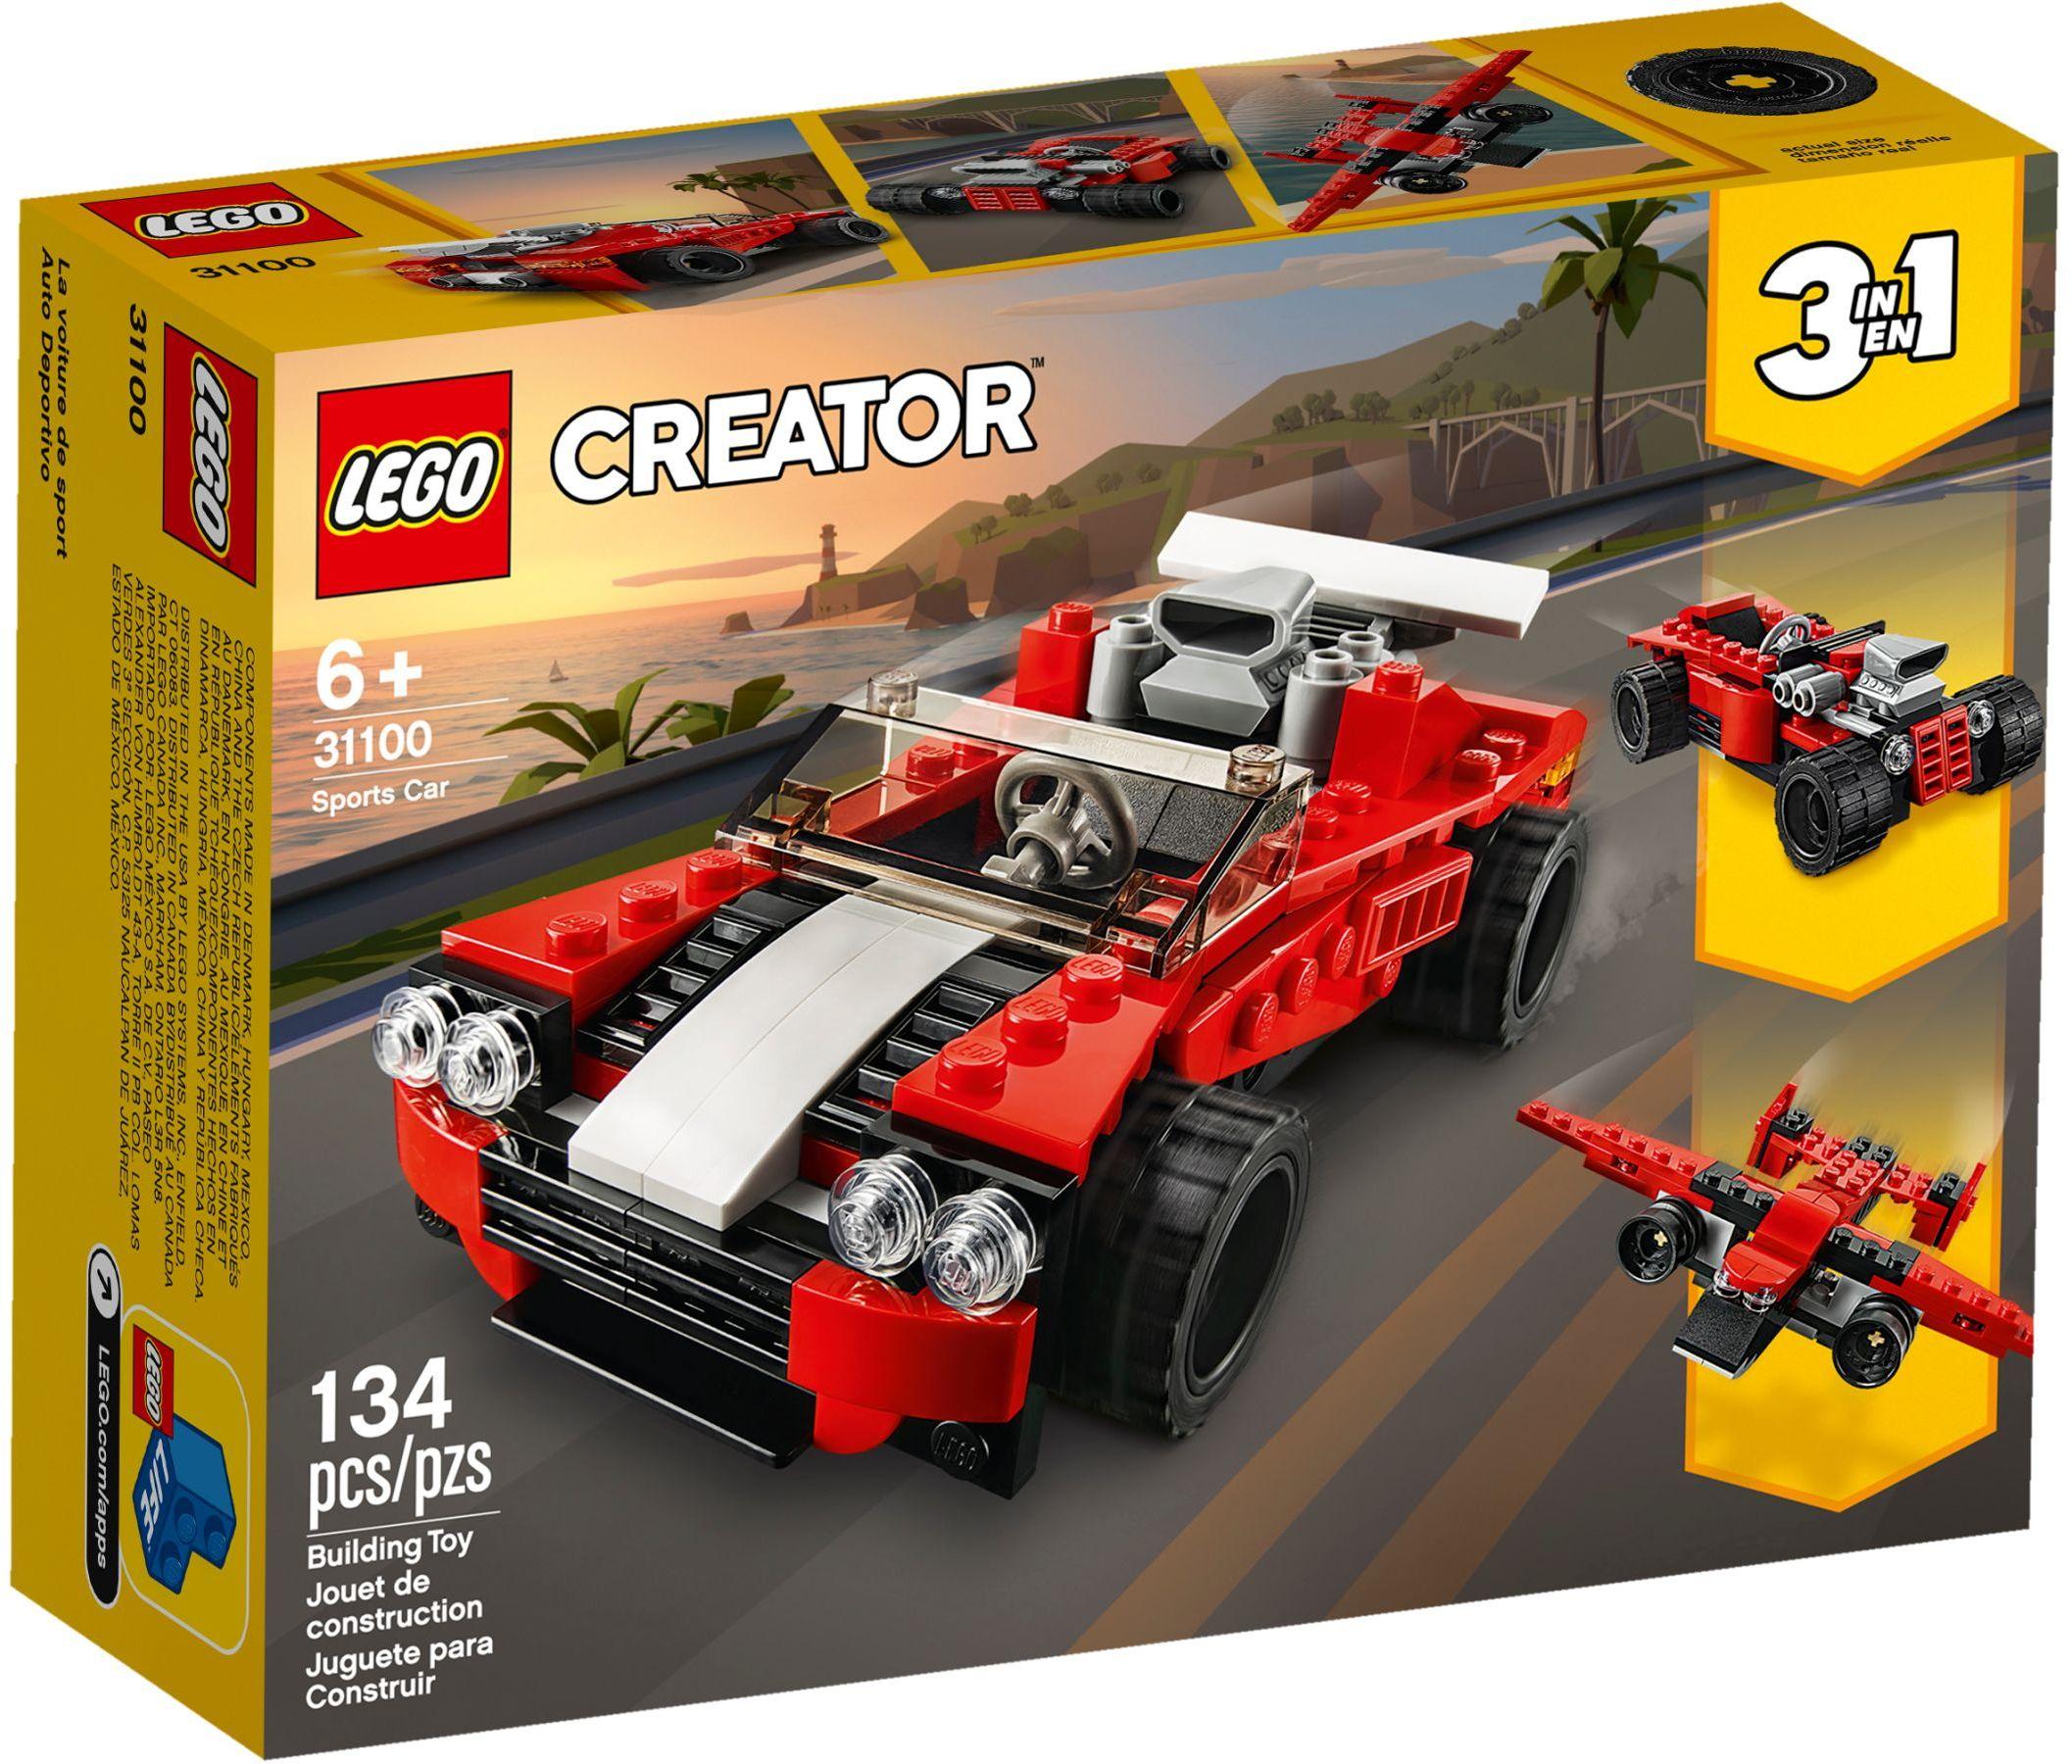 LEGO Creator - Sports Car (31100)